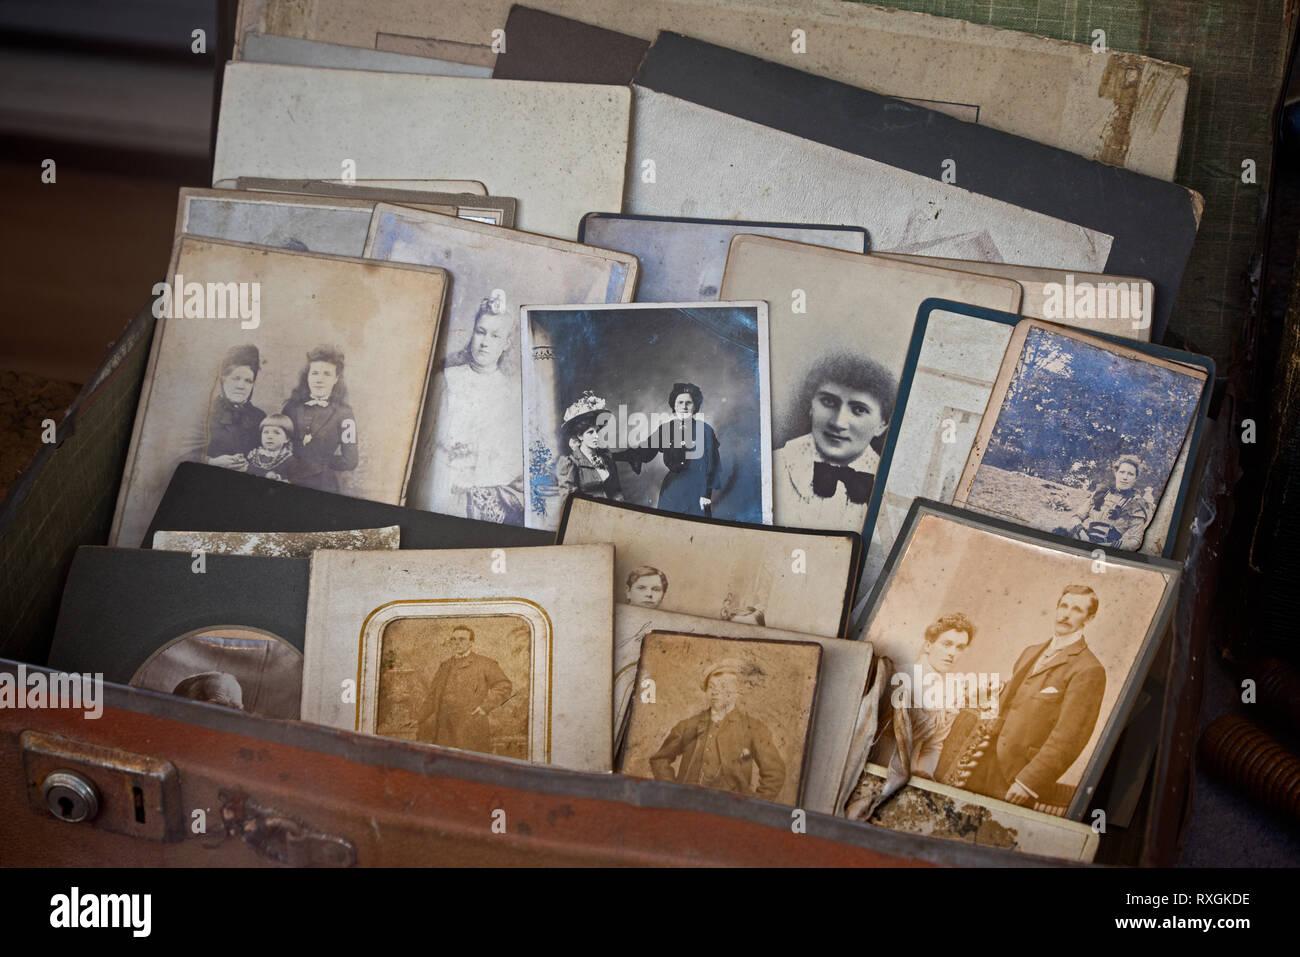 Ein Koffer voller alten Vintage Fotos im Fenster eines Charity Shop in Edinburgh, Schottland, Großbritannien. Stockbild